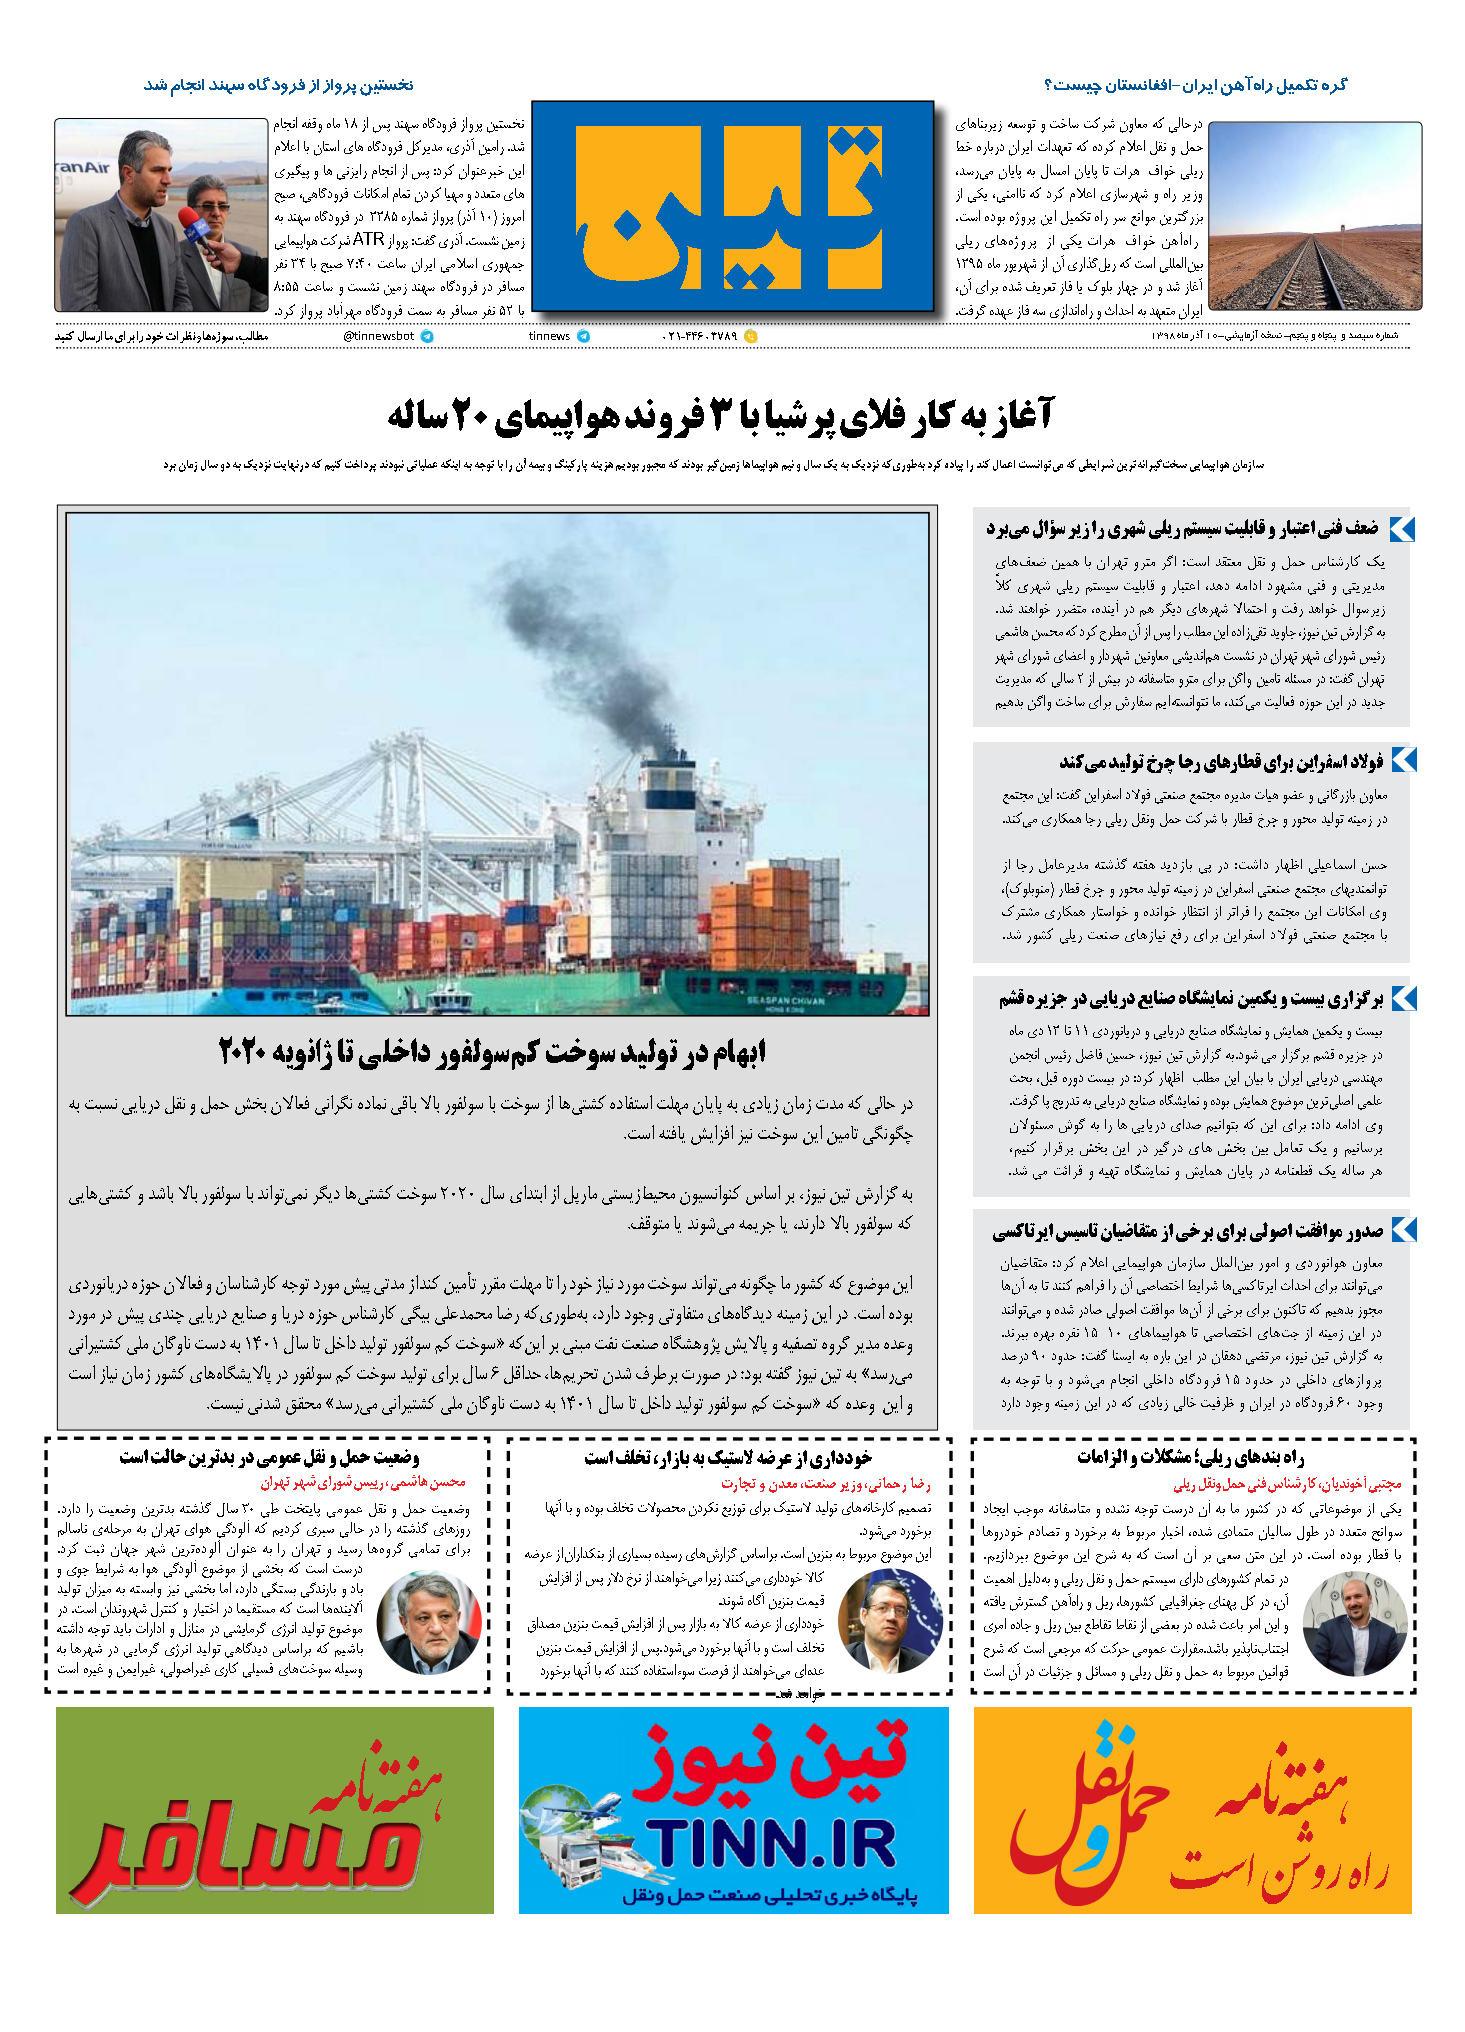 روزنامه الکترونیک 10 آذر ماه 98